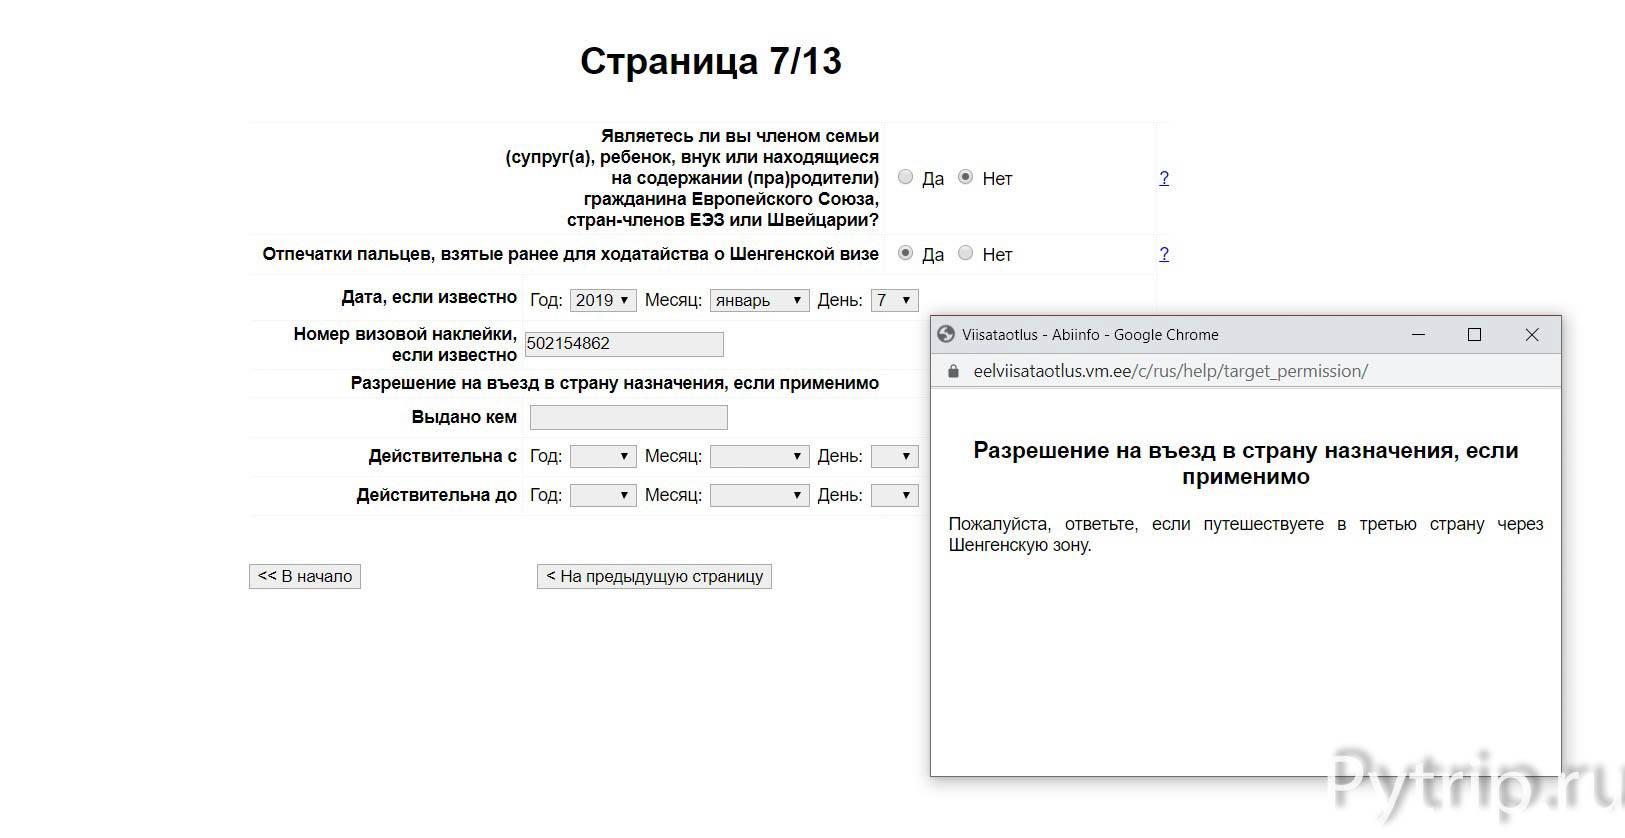 5 способов, как найти работу в эстонии для русских в 2021 году